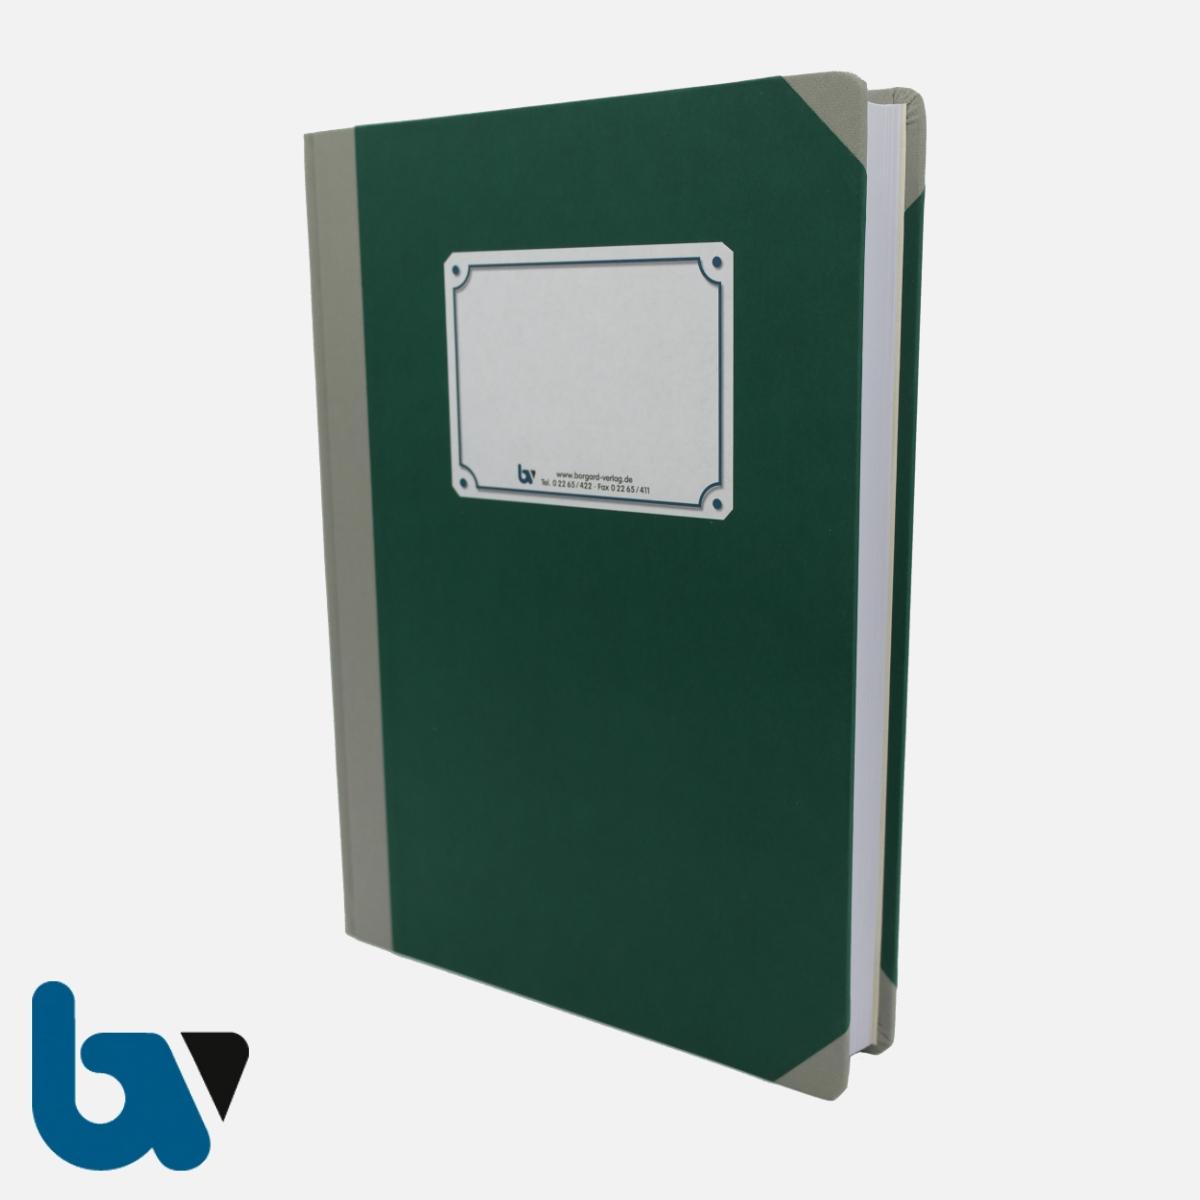 3/190-2 lin Tagebuch Ortsgericht Hessen Buch gebunden liniert Leinen DIN A4 Außen 1 | Borgard Verlag GmbH